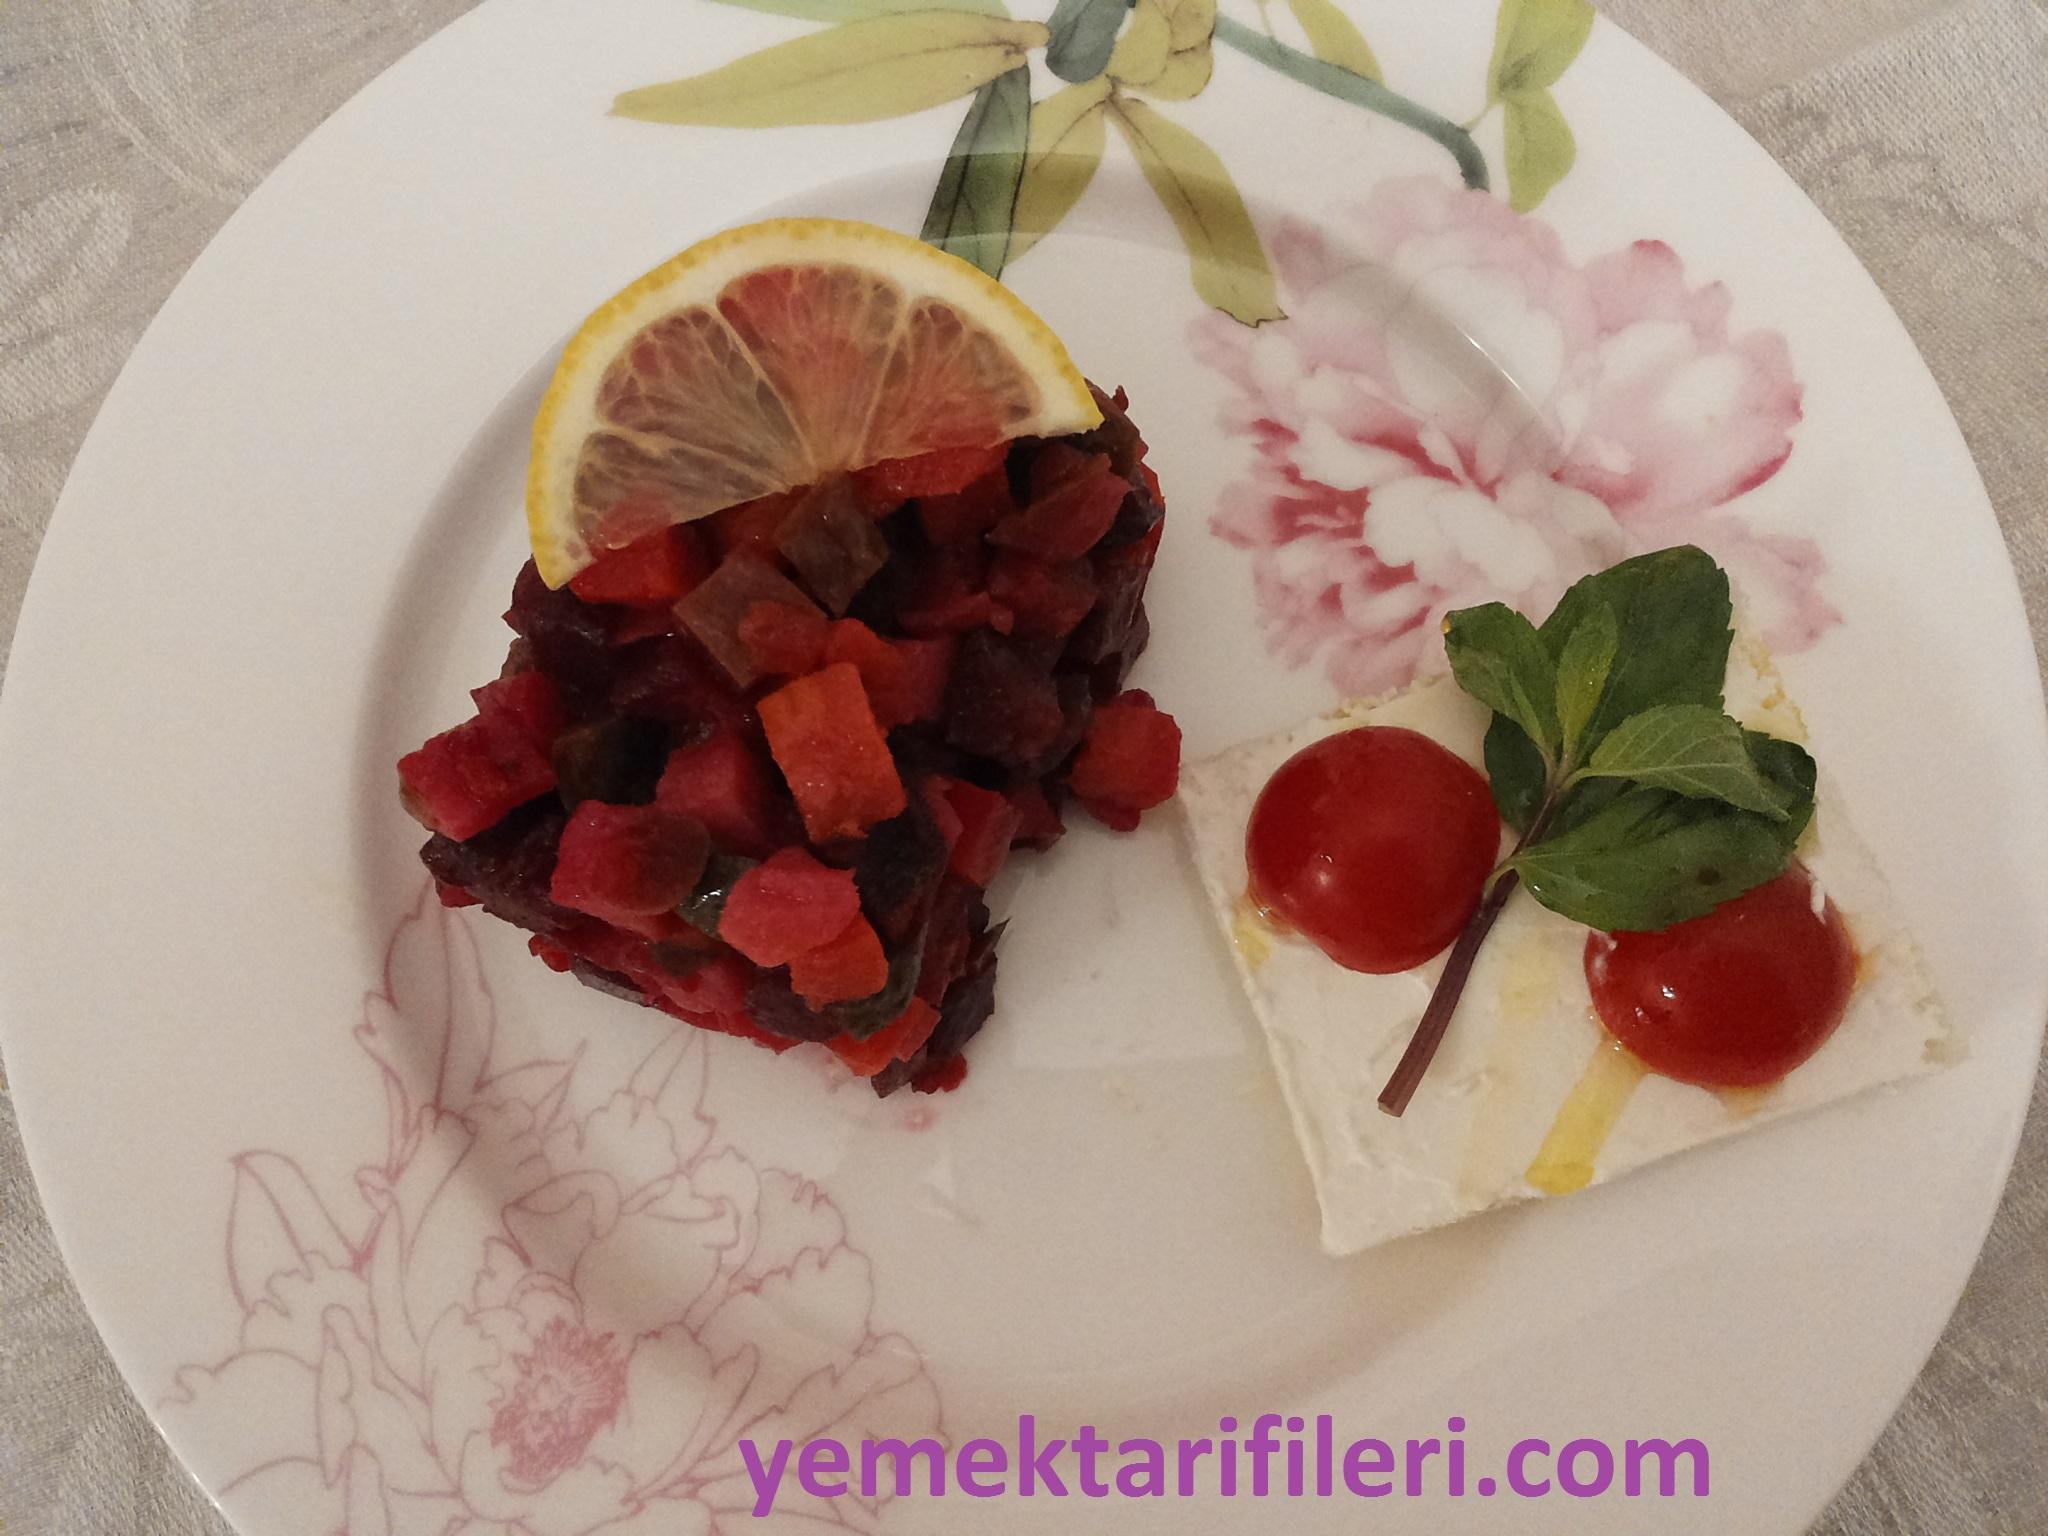 Garnitürlü Pancar Salatası Tarifi